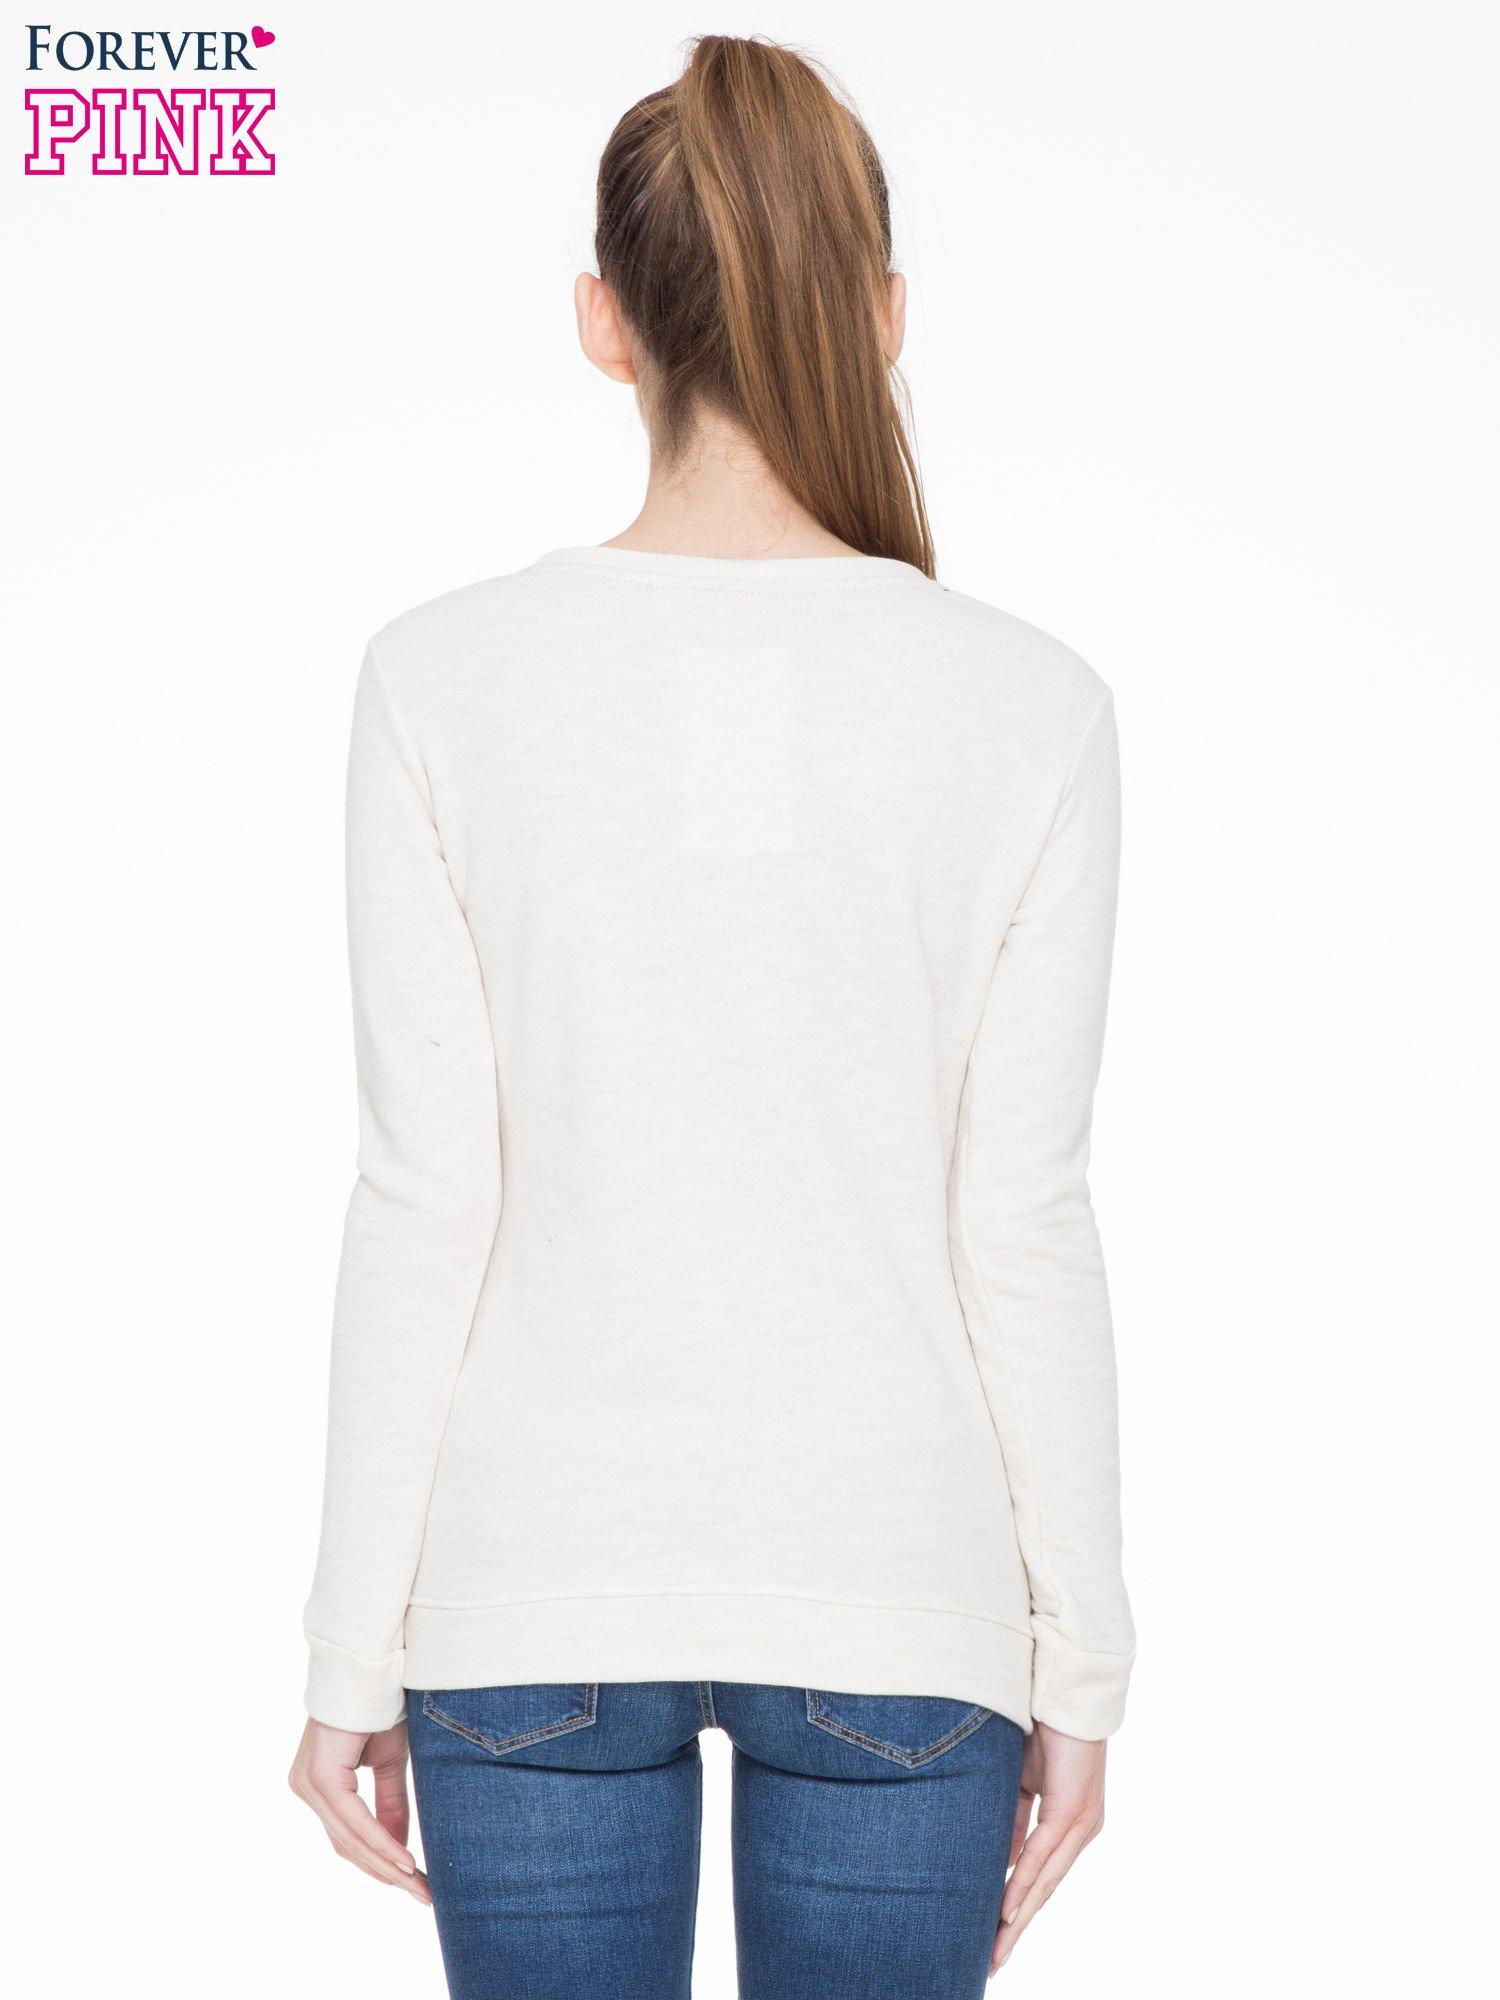 Ecru bluza z nadrukiem litery A z motywem kwiatowym                                  zdj.                                  4